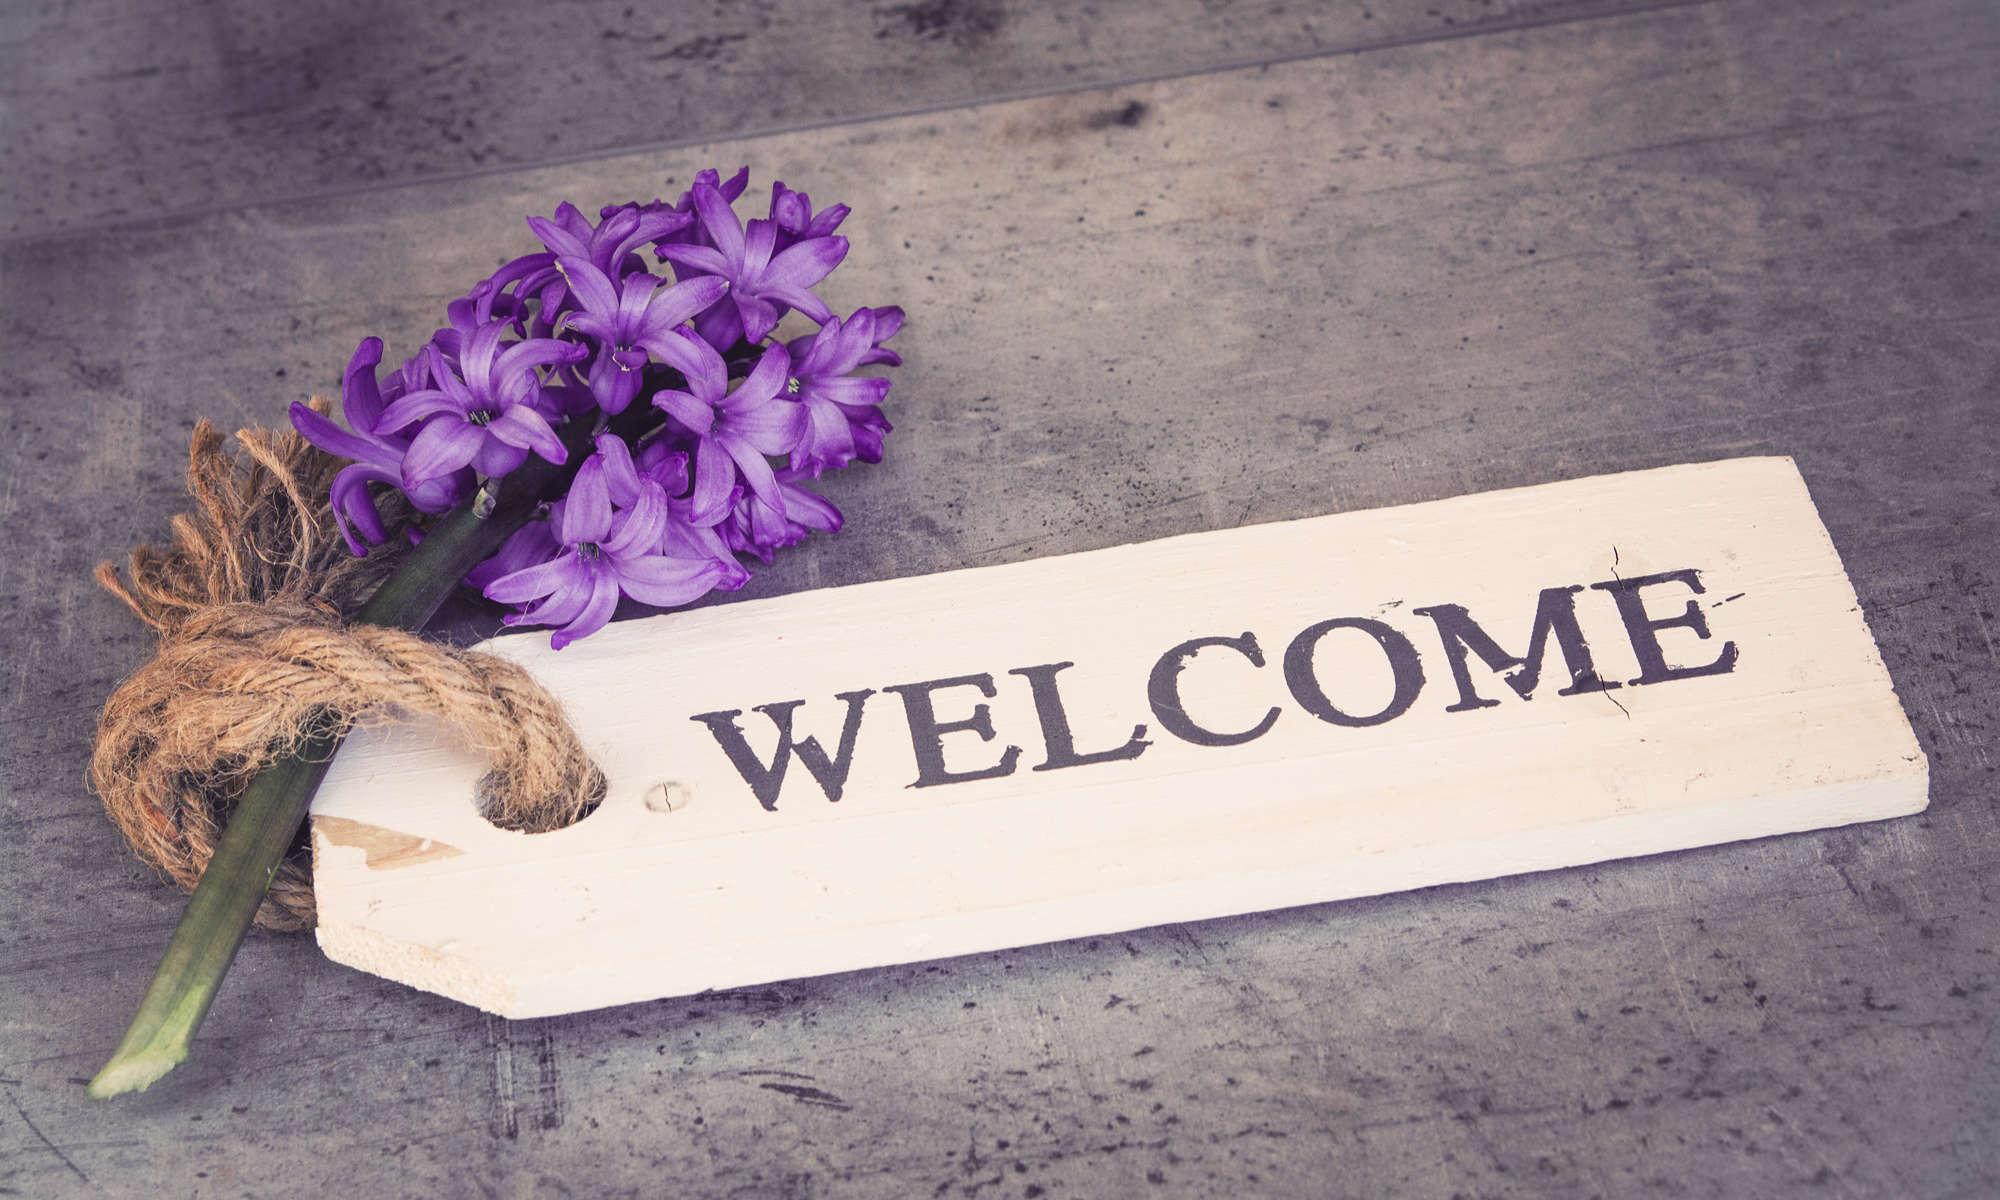 Herzlich Willkommen. Wir freuen uns auf Sie